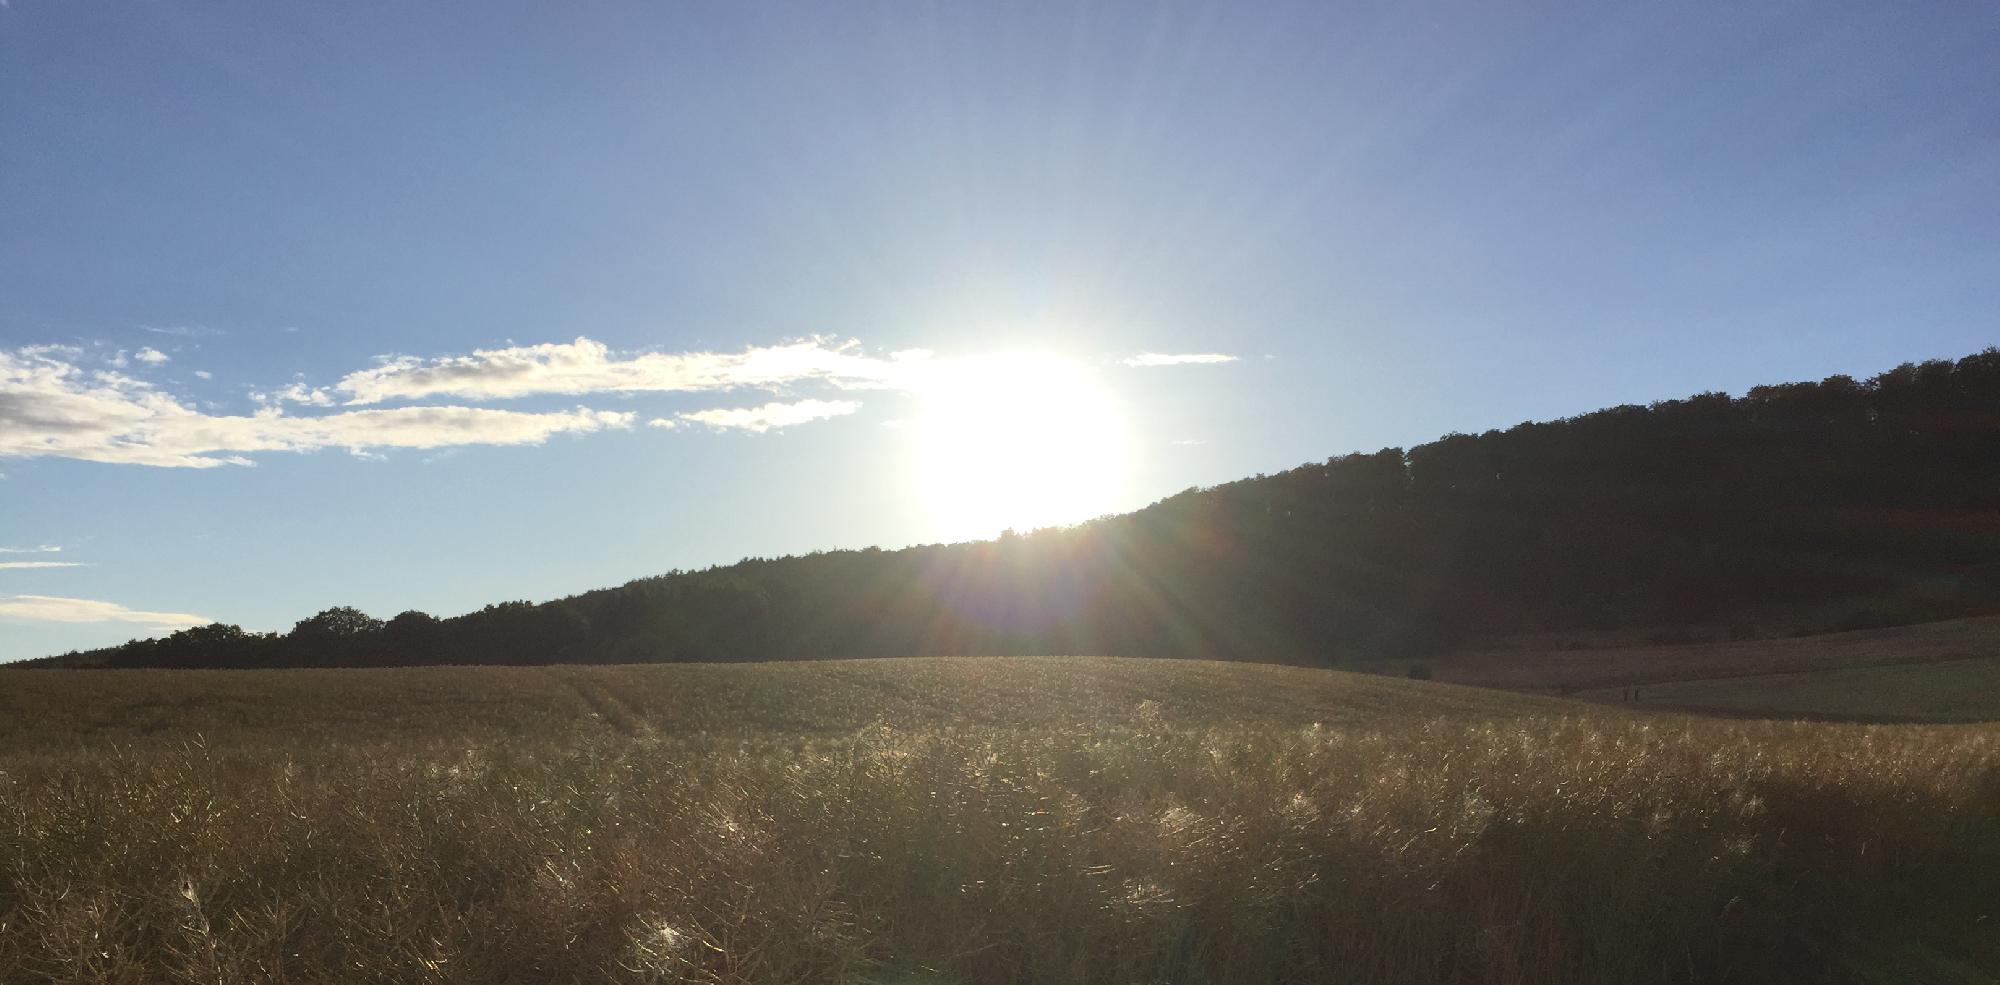 Sonnenuntergang über ein Rapsfeld